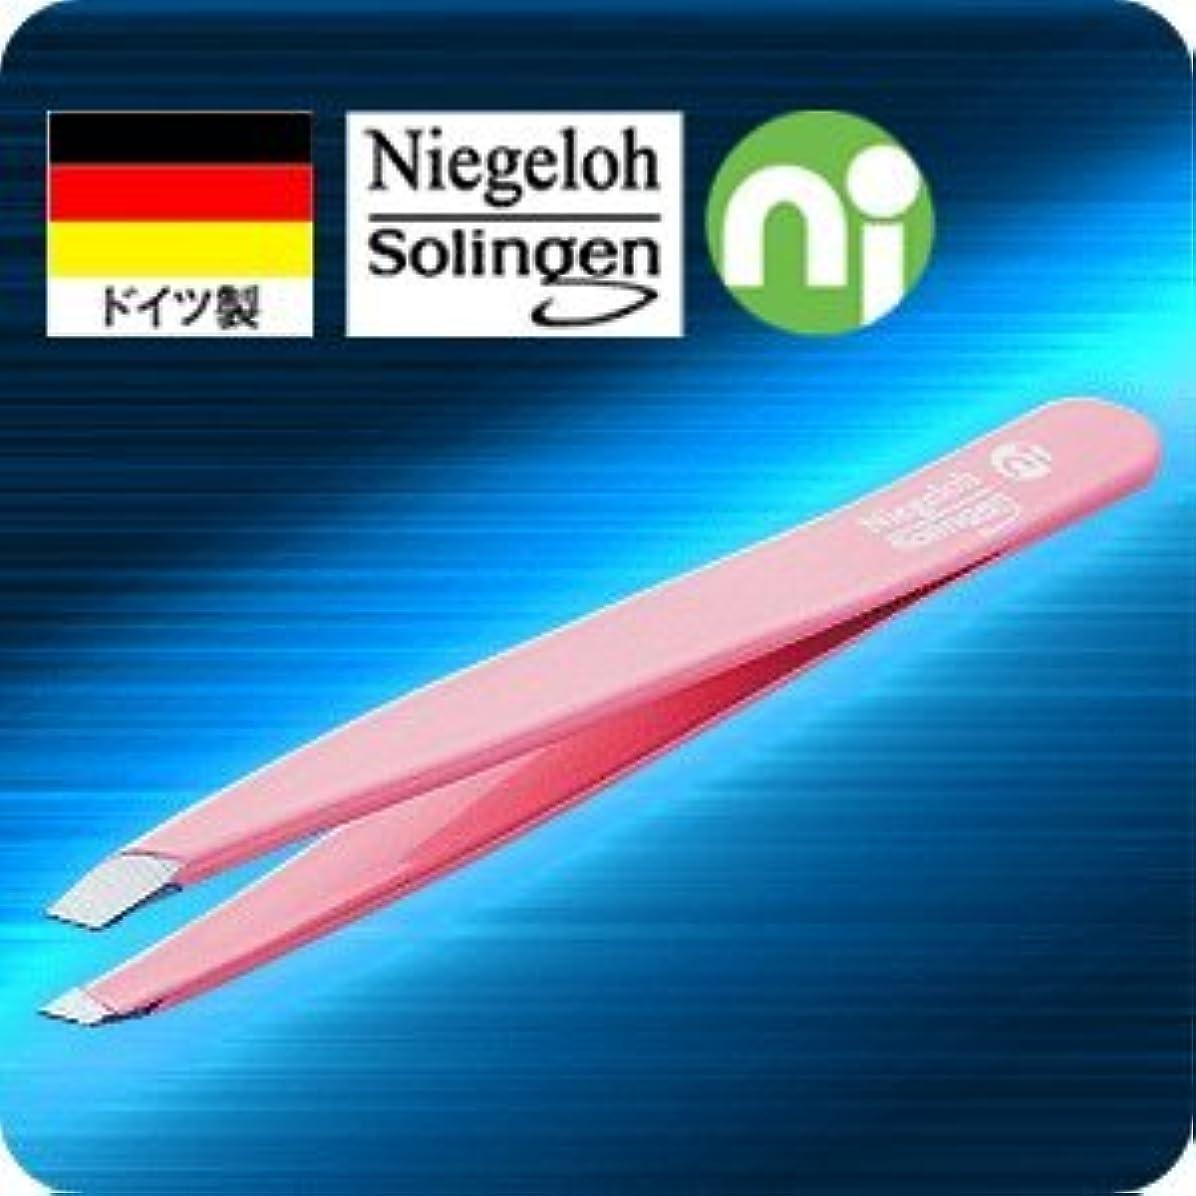 影響力のある確立しますそれドイツ ゾーリンゲンNiegeloh(ニゲロ社)のツイザー